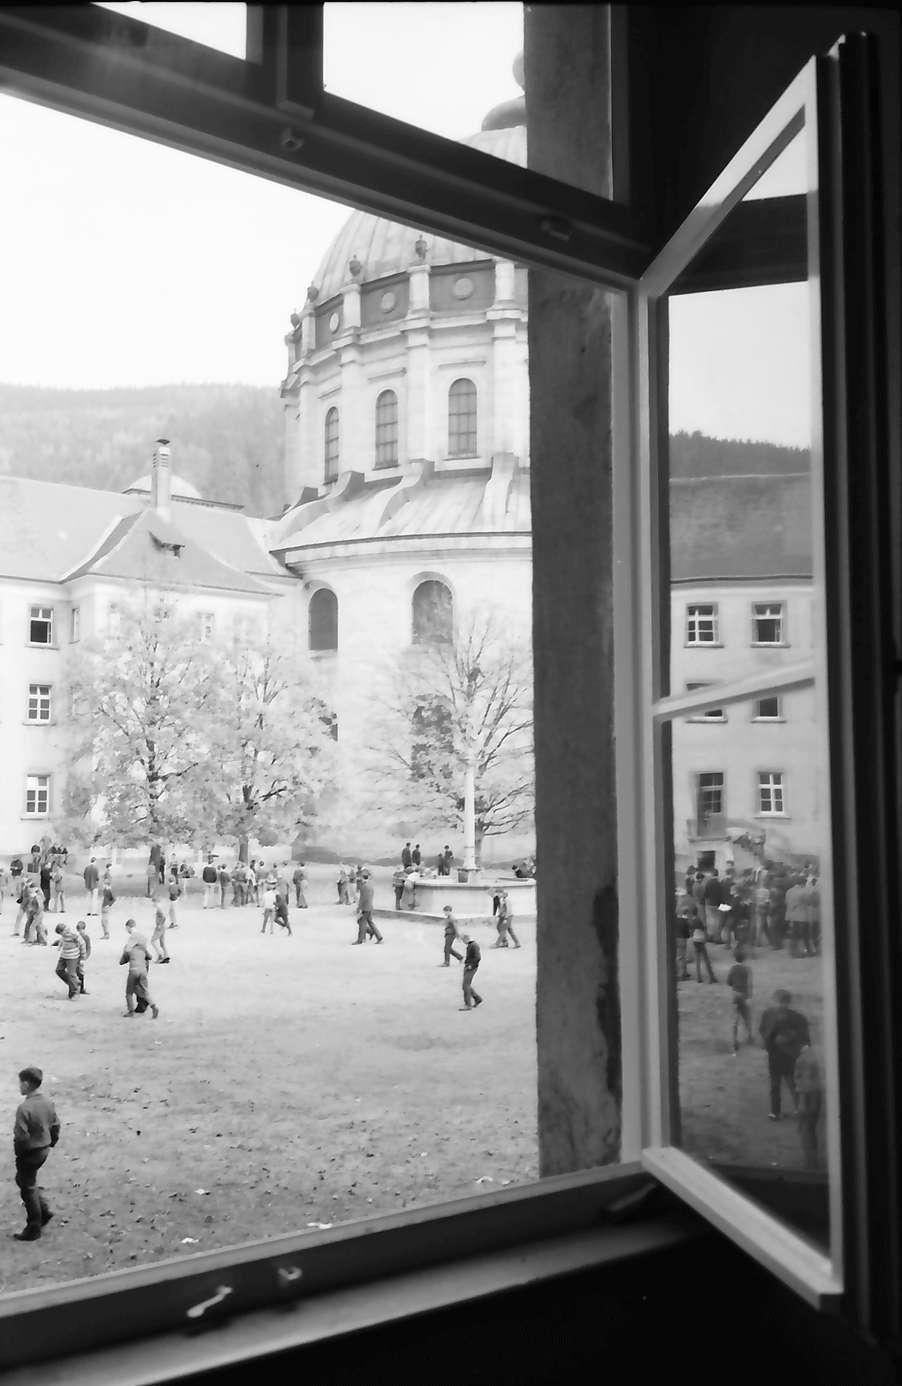 St. Blasien: Ausblick aus Kollegfenster auf Schulhof und Kuppel, Bild 1